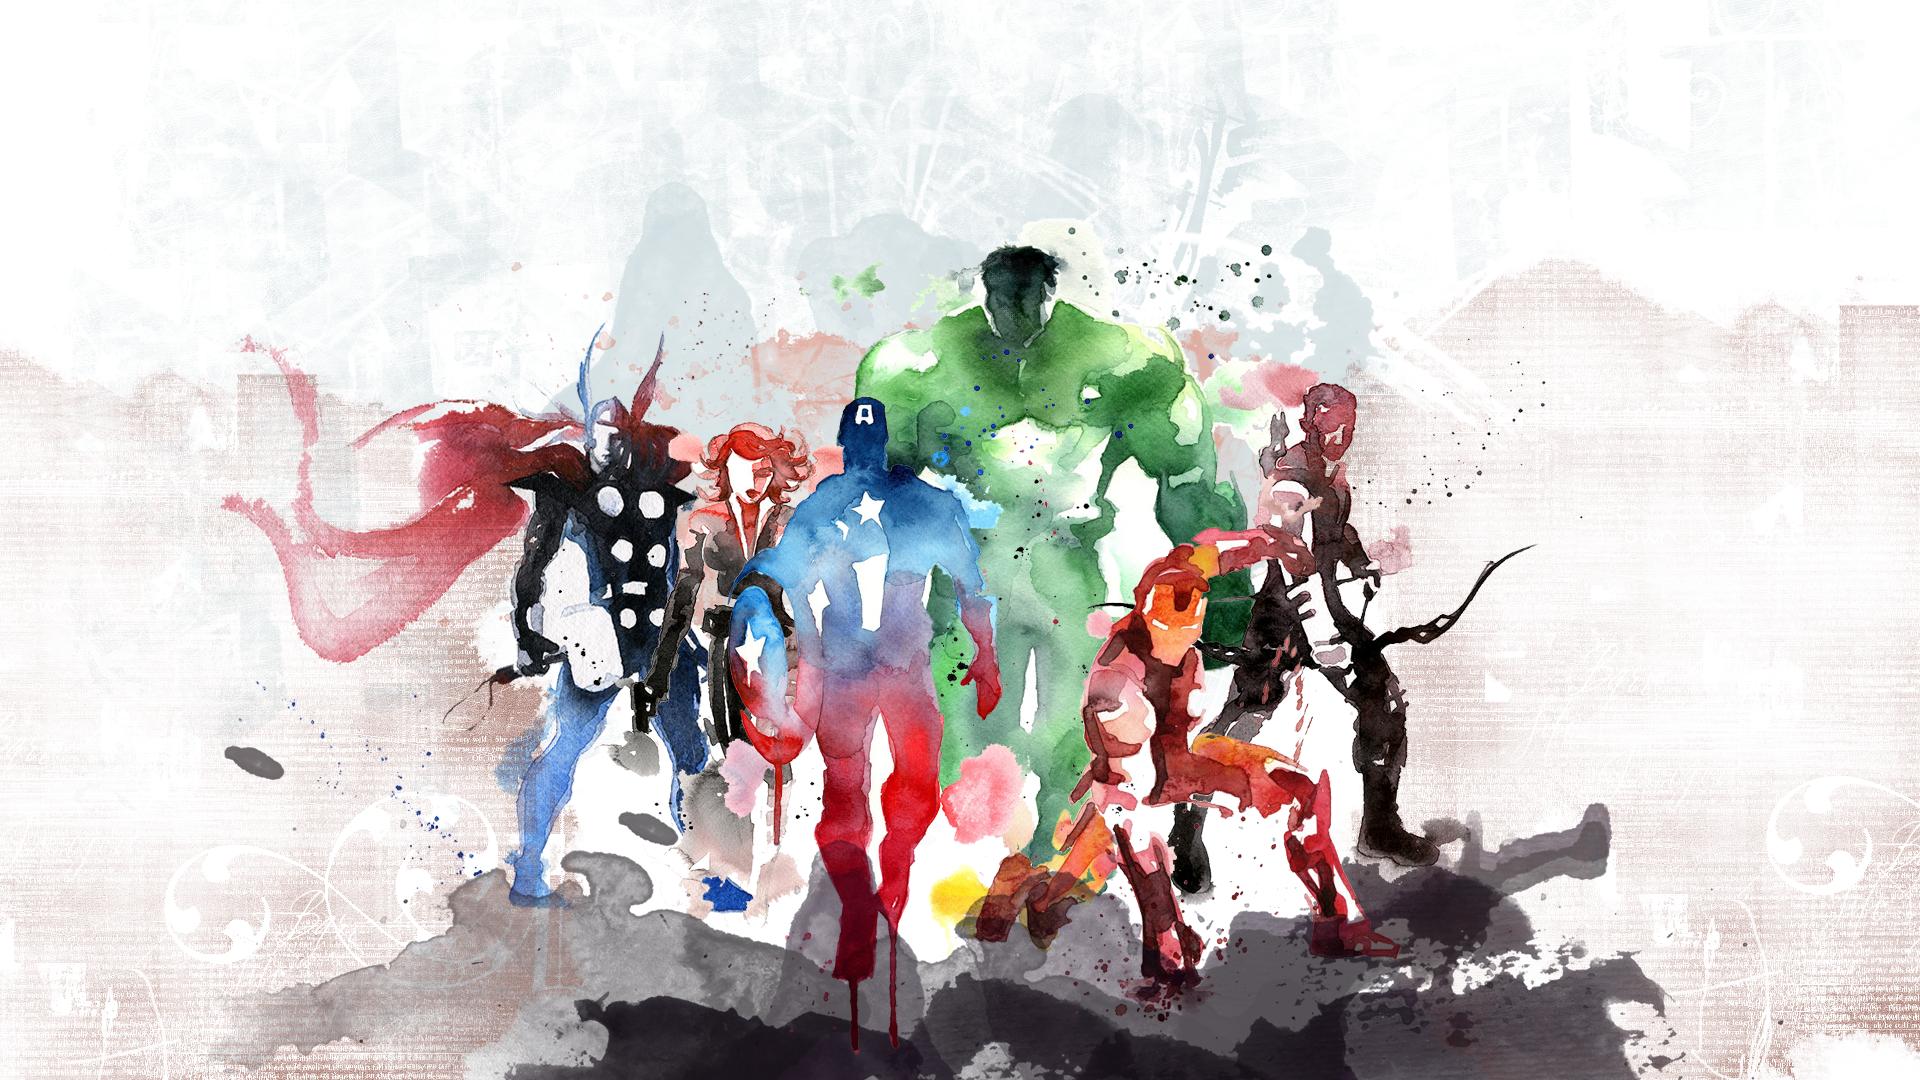 Avengers Wallpaper: The Avengers Wallpaper #47044